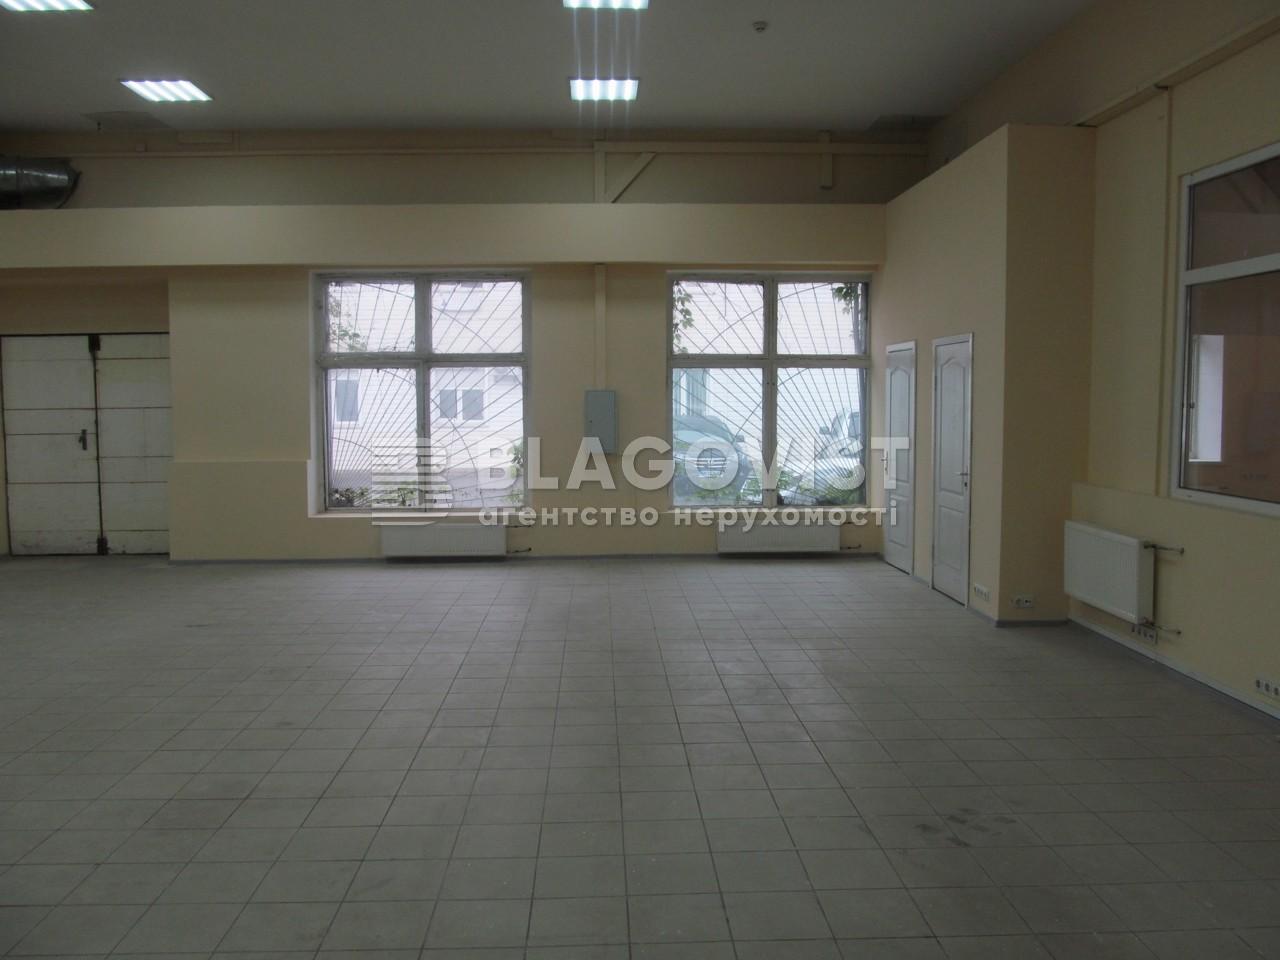 Нежилое помещение, F-41597, Малевича Казимира (Боженко), Киев - Фото 6